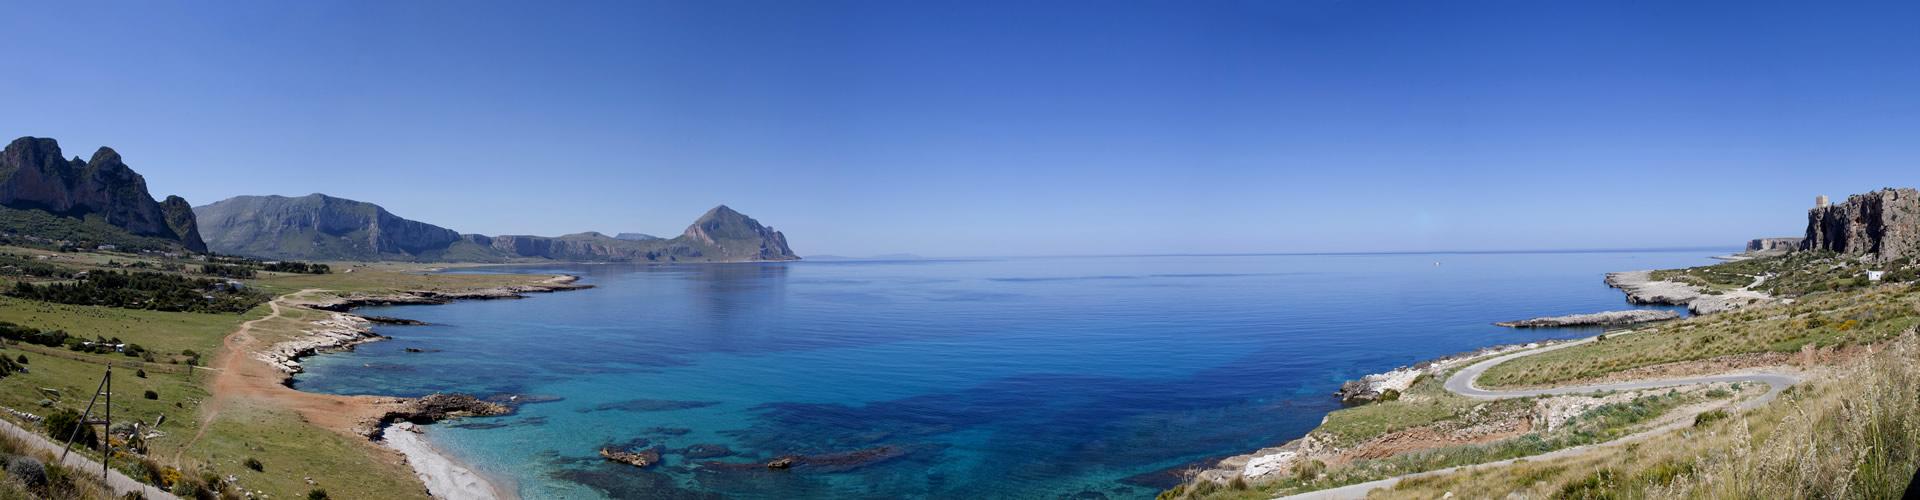 Monte Cofano nel blu del mare di Macari